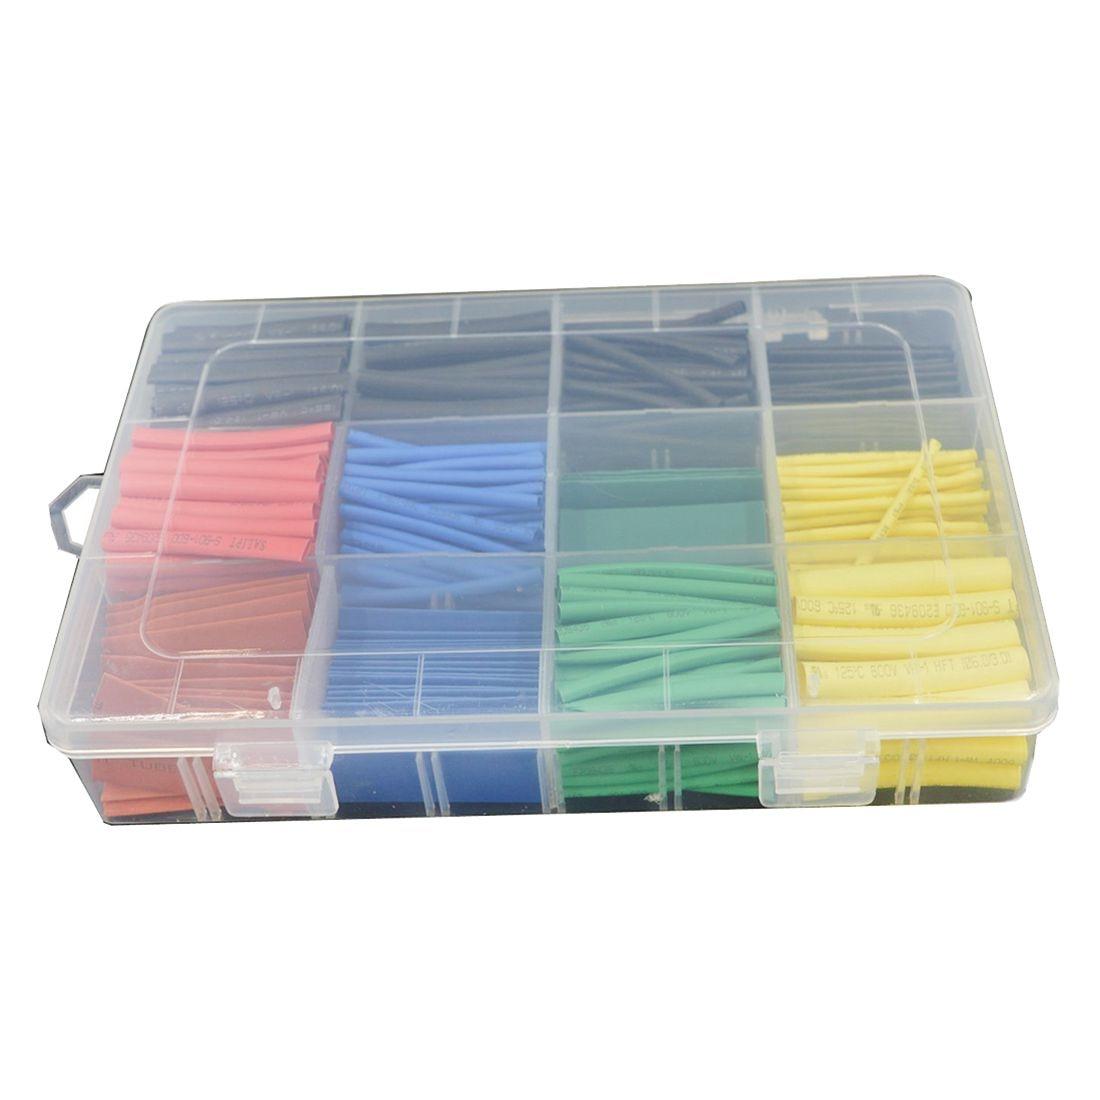 Mejor Precio 530 Uds. 21 manguito de tubo retráctil manguito de calor Cable de envoltura 5 colores 8 tamaños